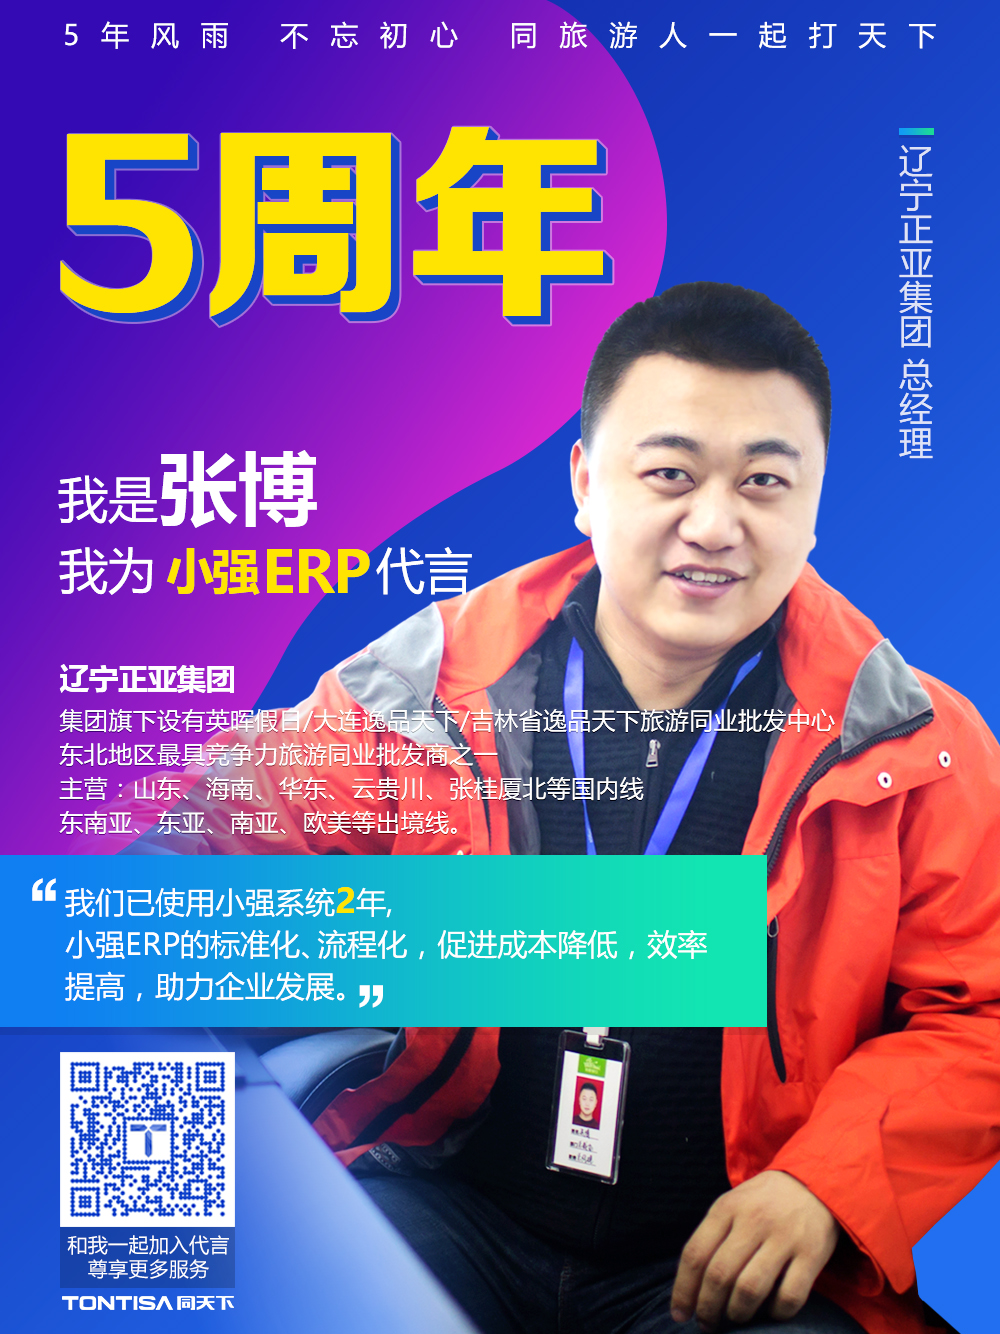 5、五周年系列海报(张博).jpg